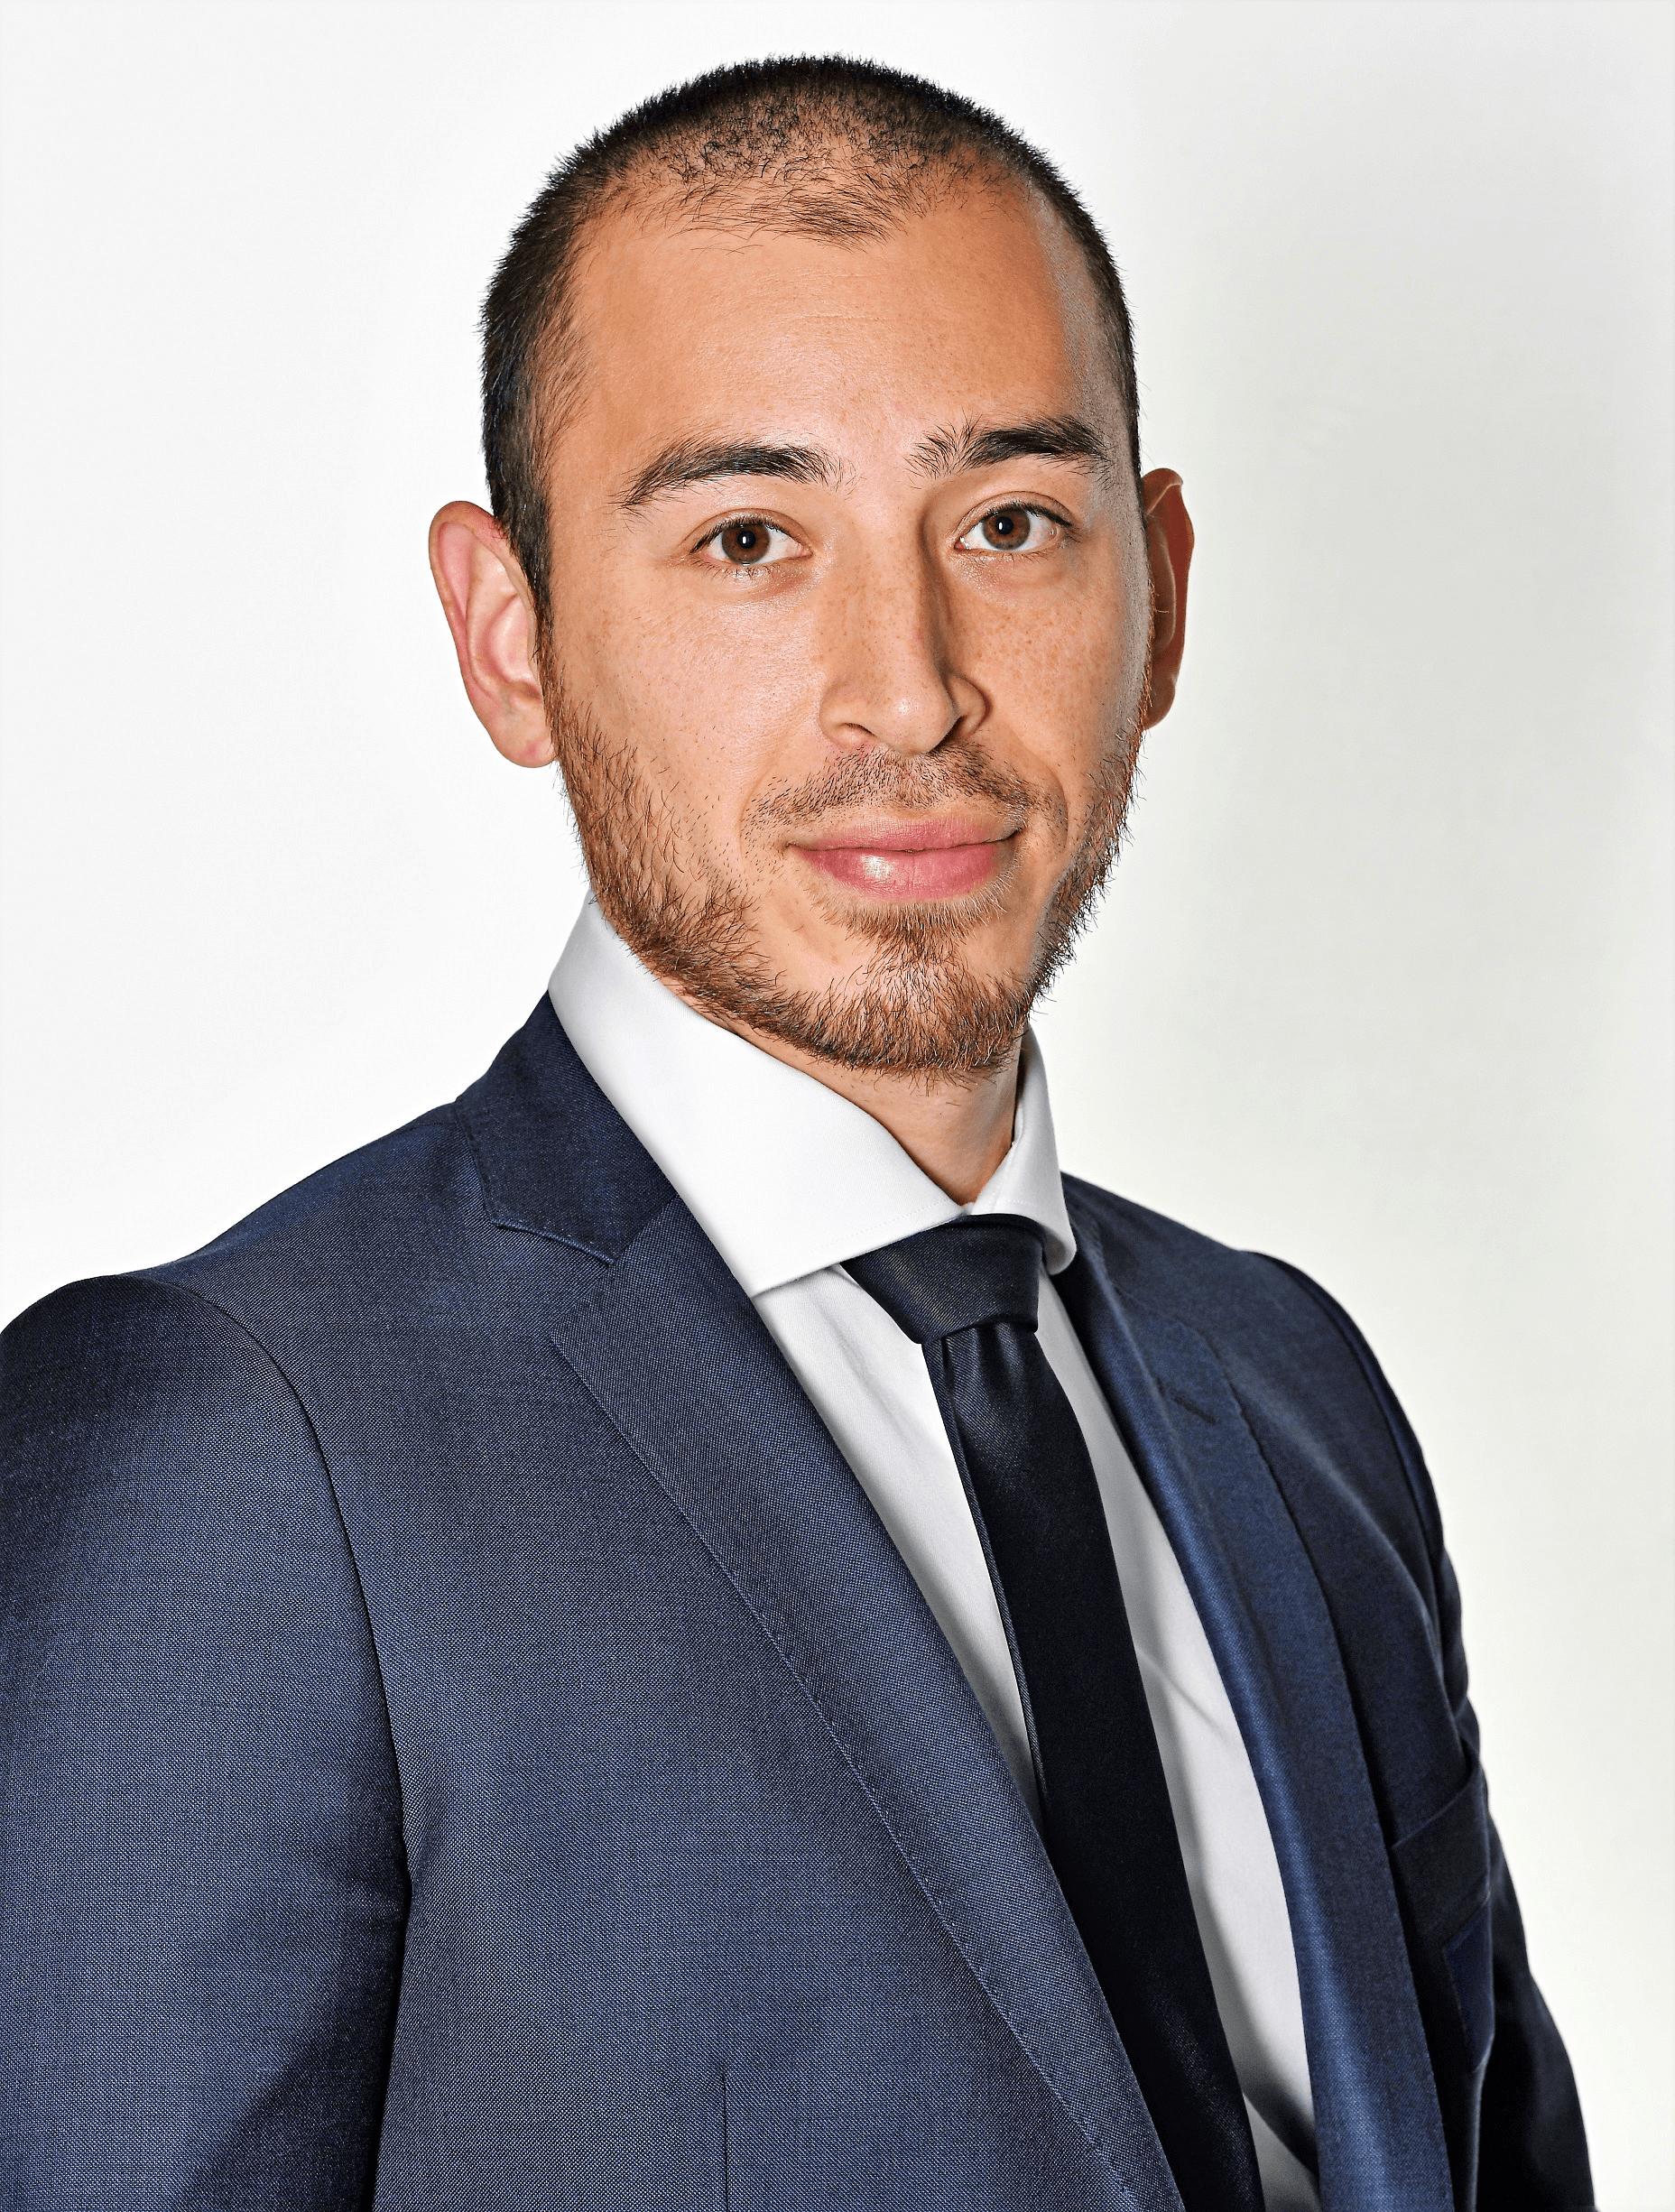 Dr. Julius Y. Becker by Witters GmbH Sportfotografie